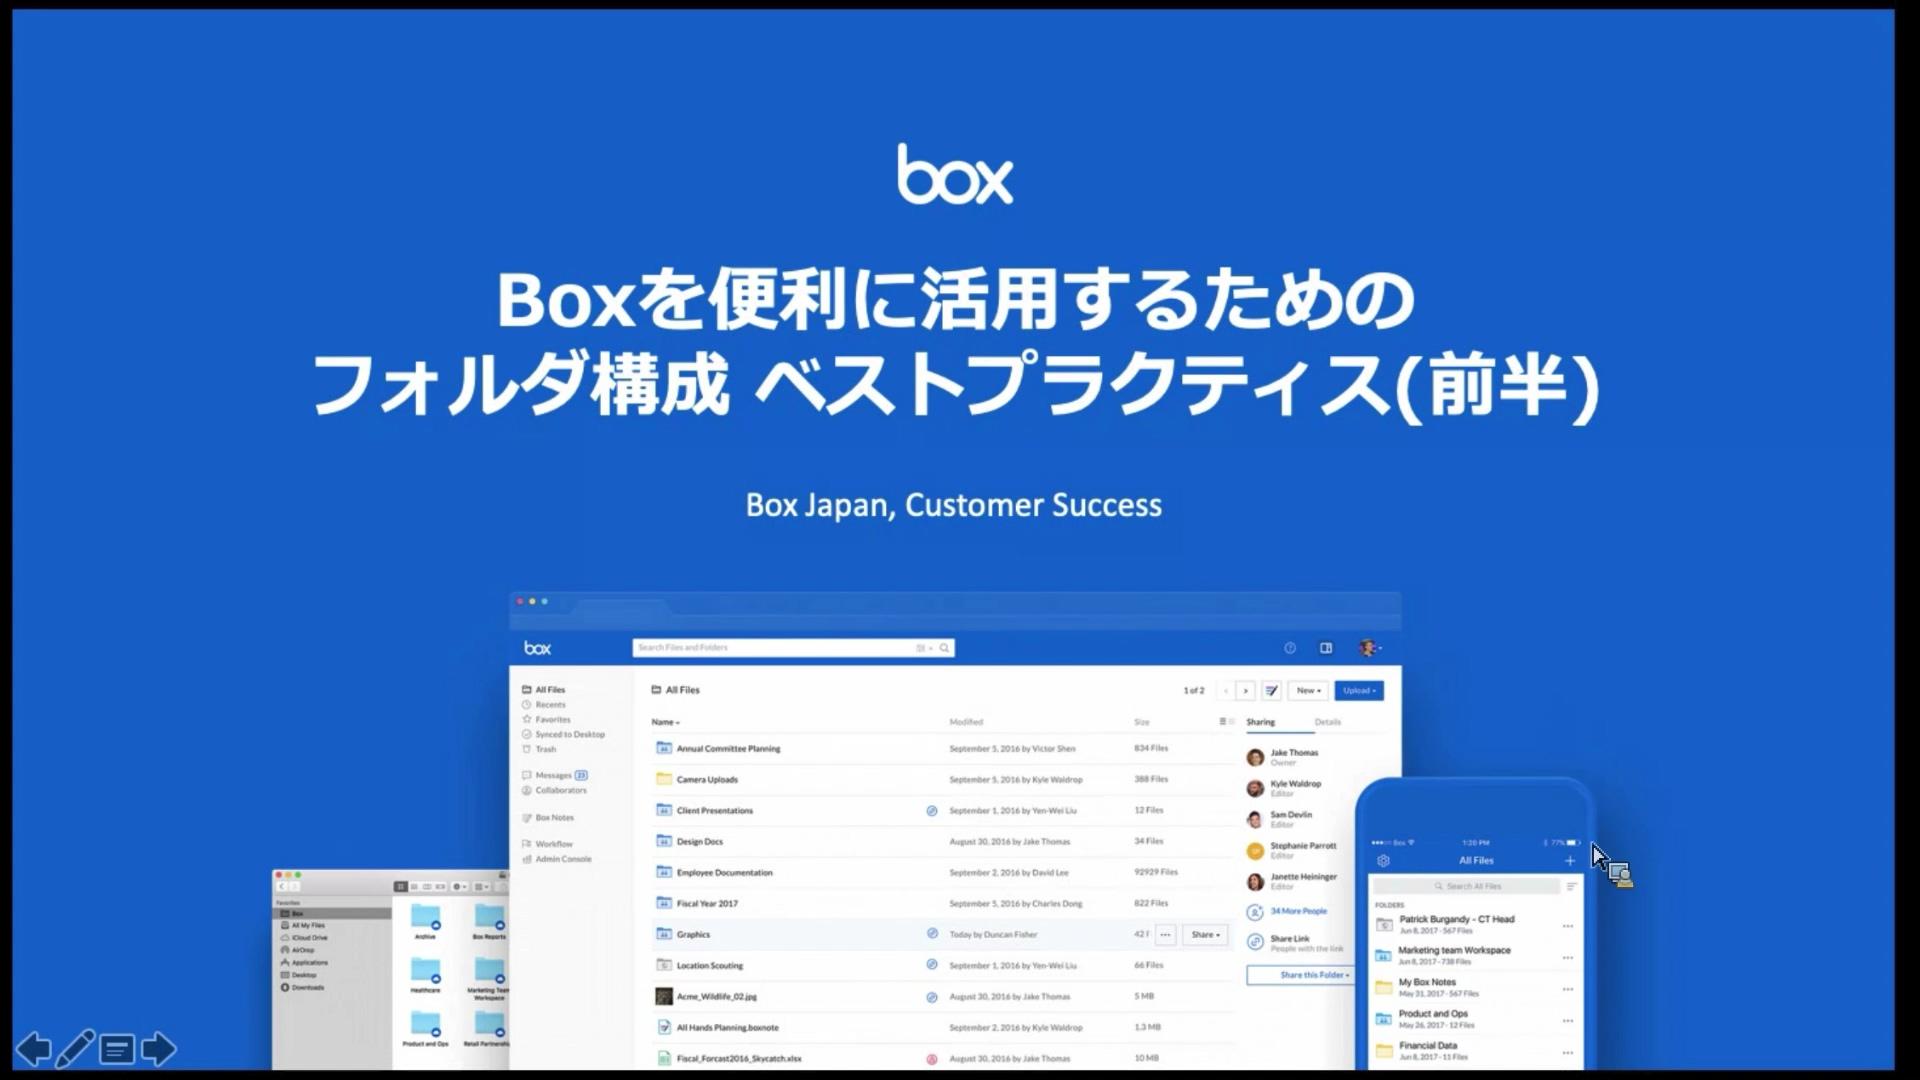 Boxを便利に活用するための フォルダ構成 ベストプラクティス(2019.7.5)